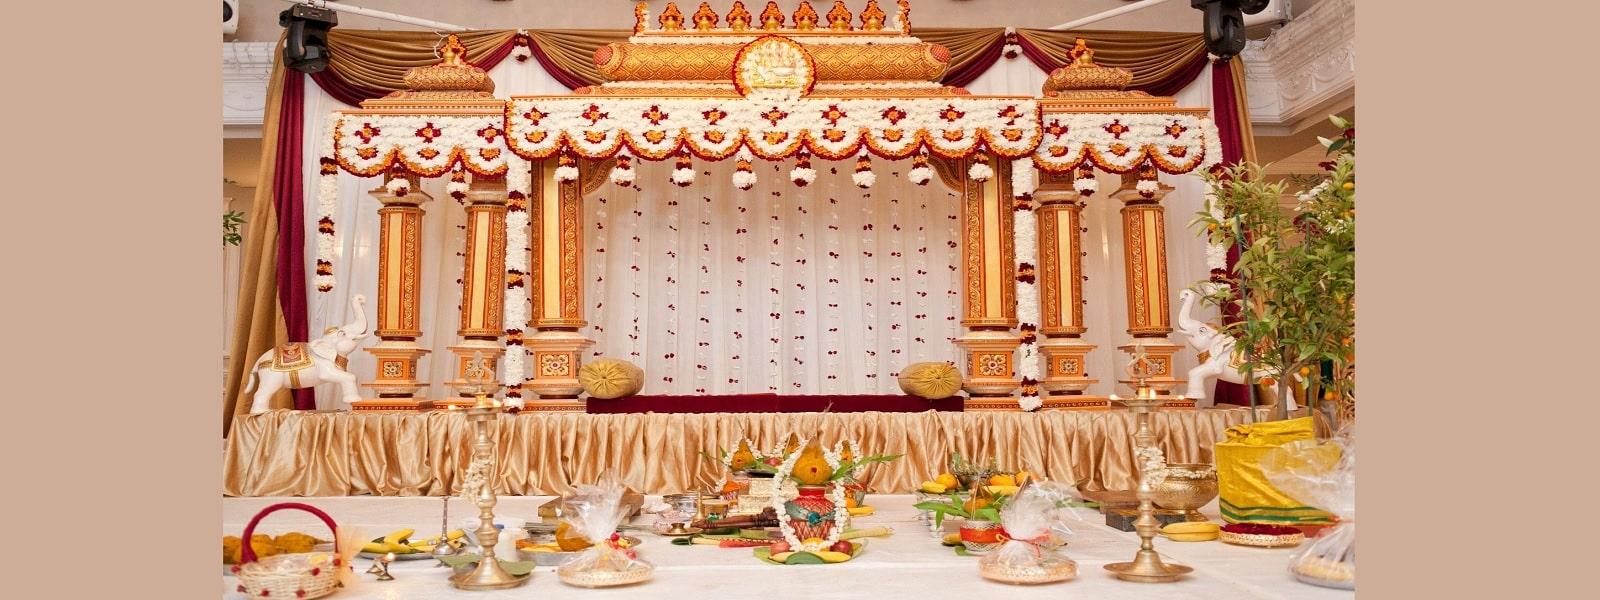 திருமண நிகழ்வுகளை பொது சுகாதார பரிசோதகர்கள் மேற்பார்வை செய்யவுள்ளனர்